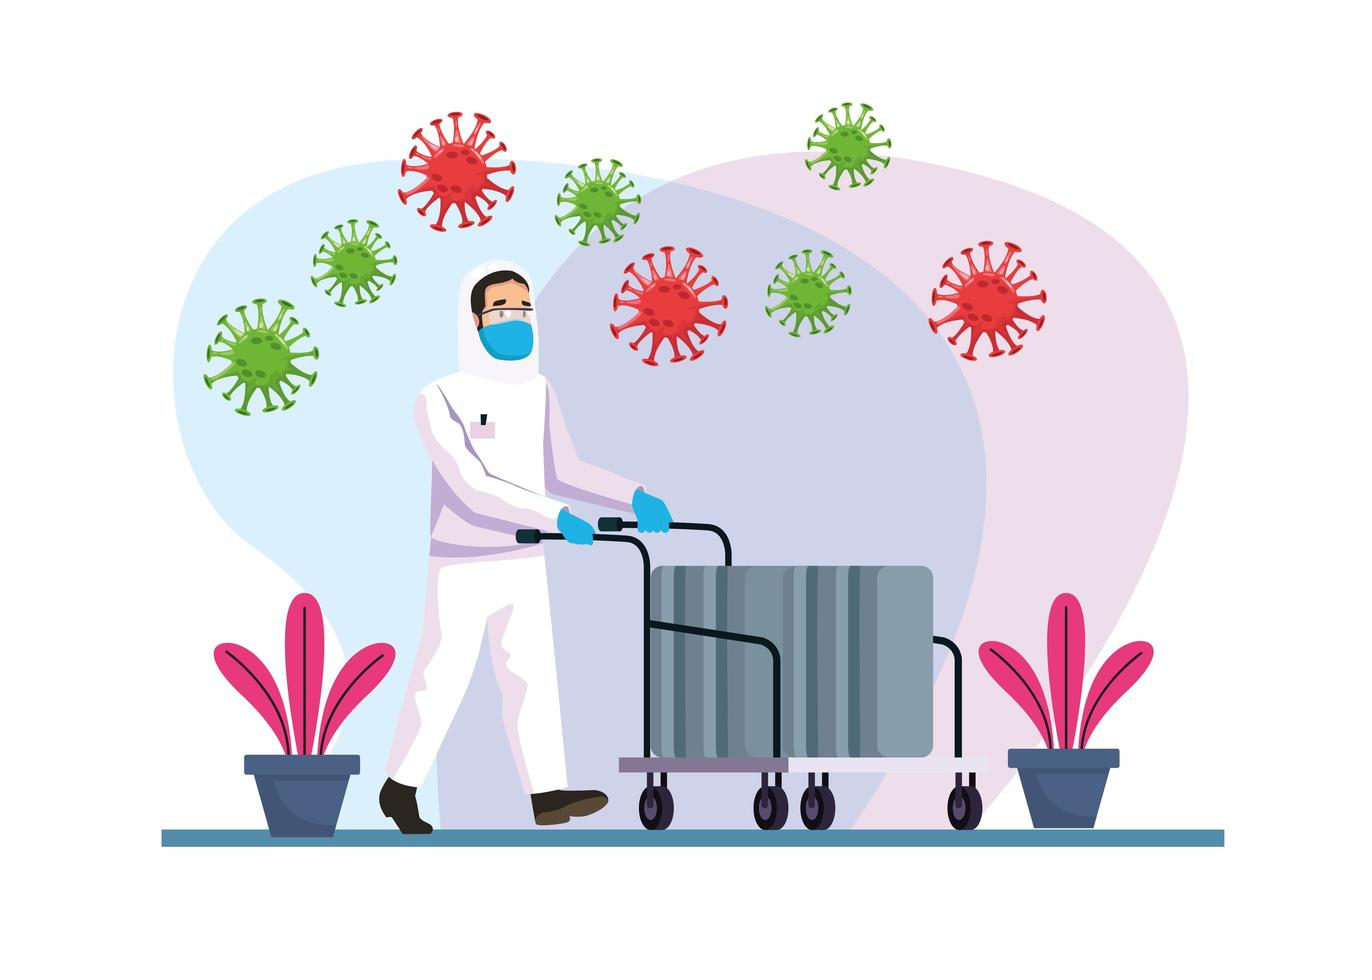 persona addetta alle pulizie a rischio biologico con 19 particelle covid vettore